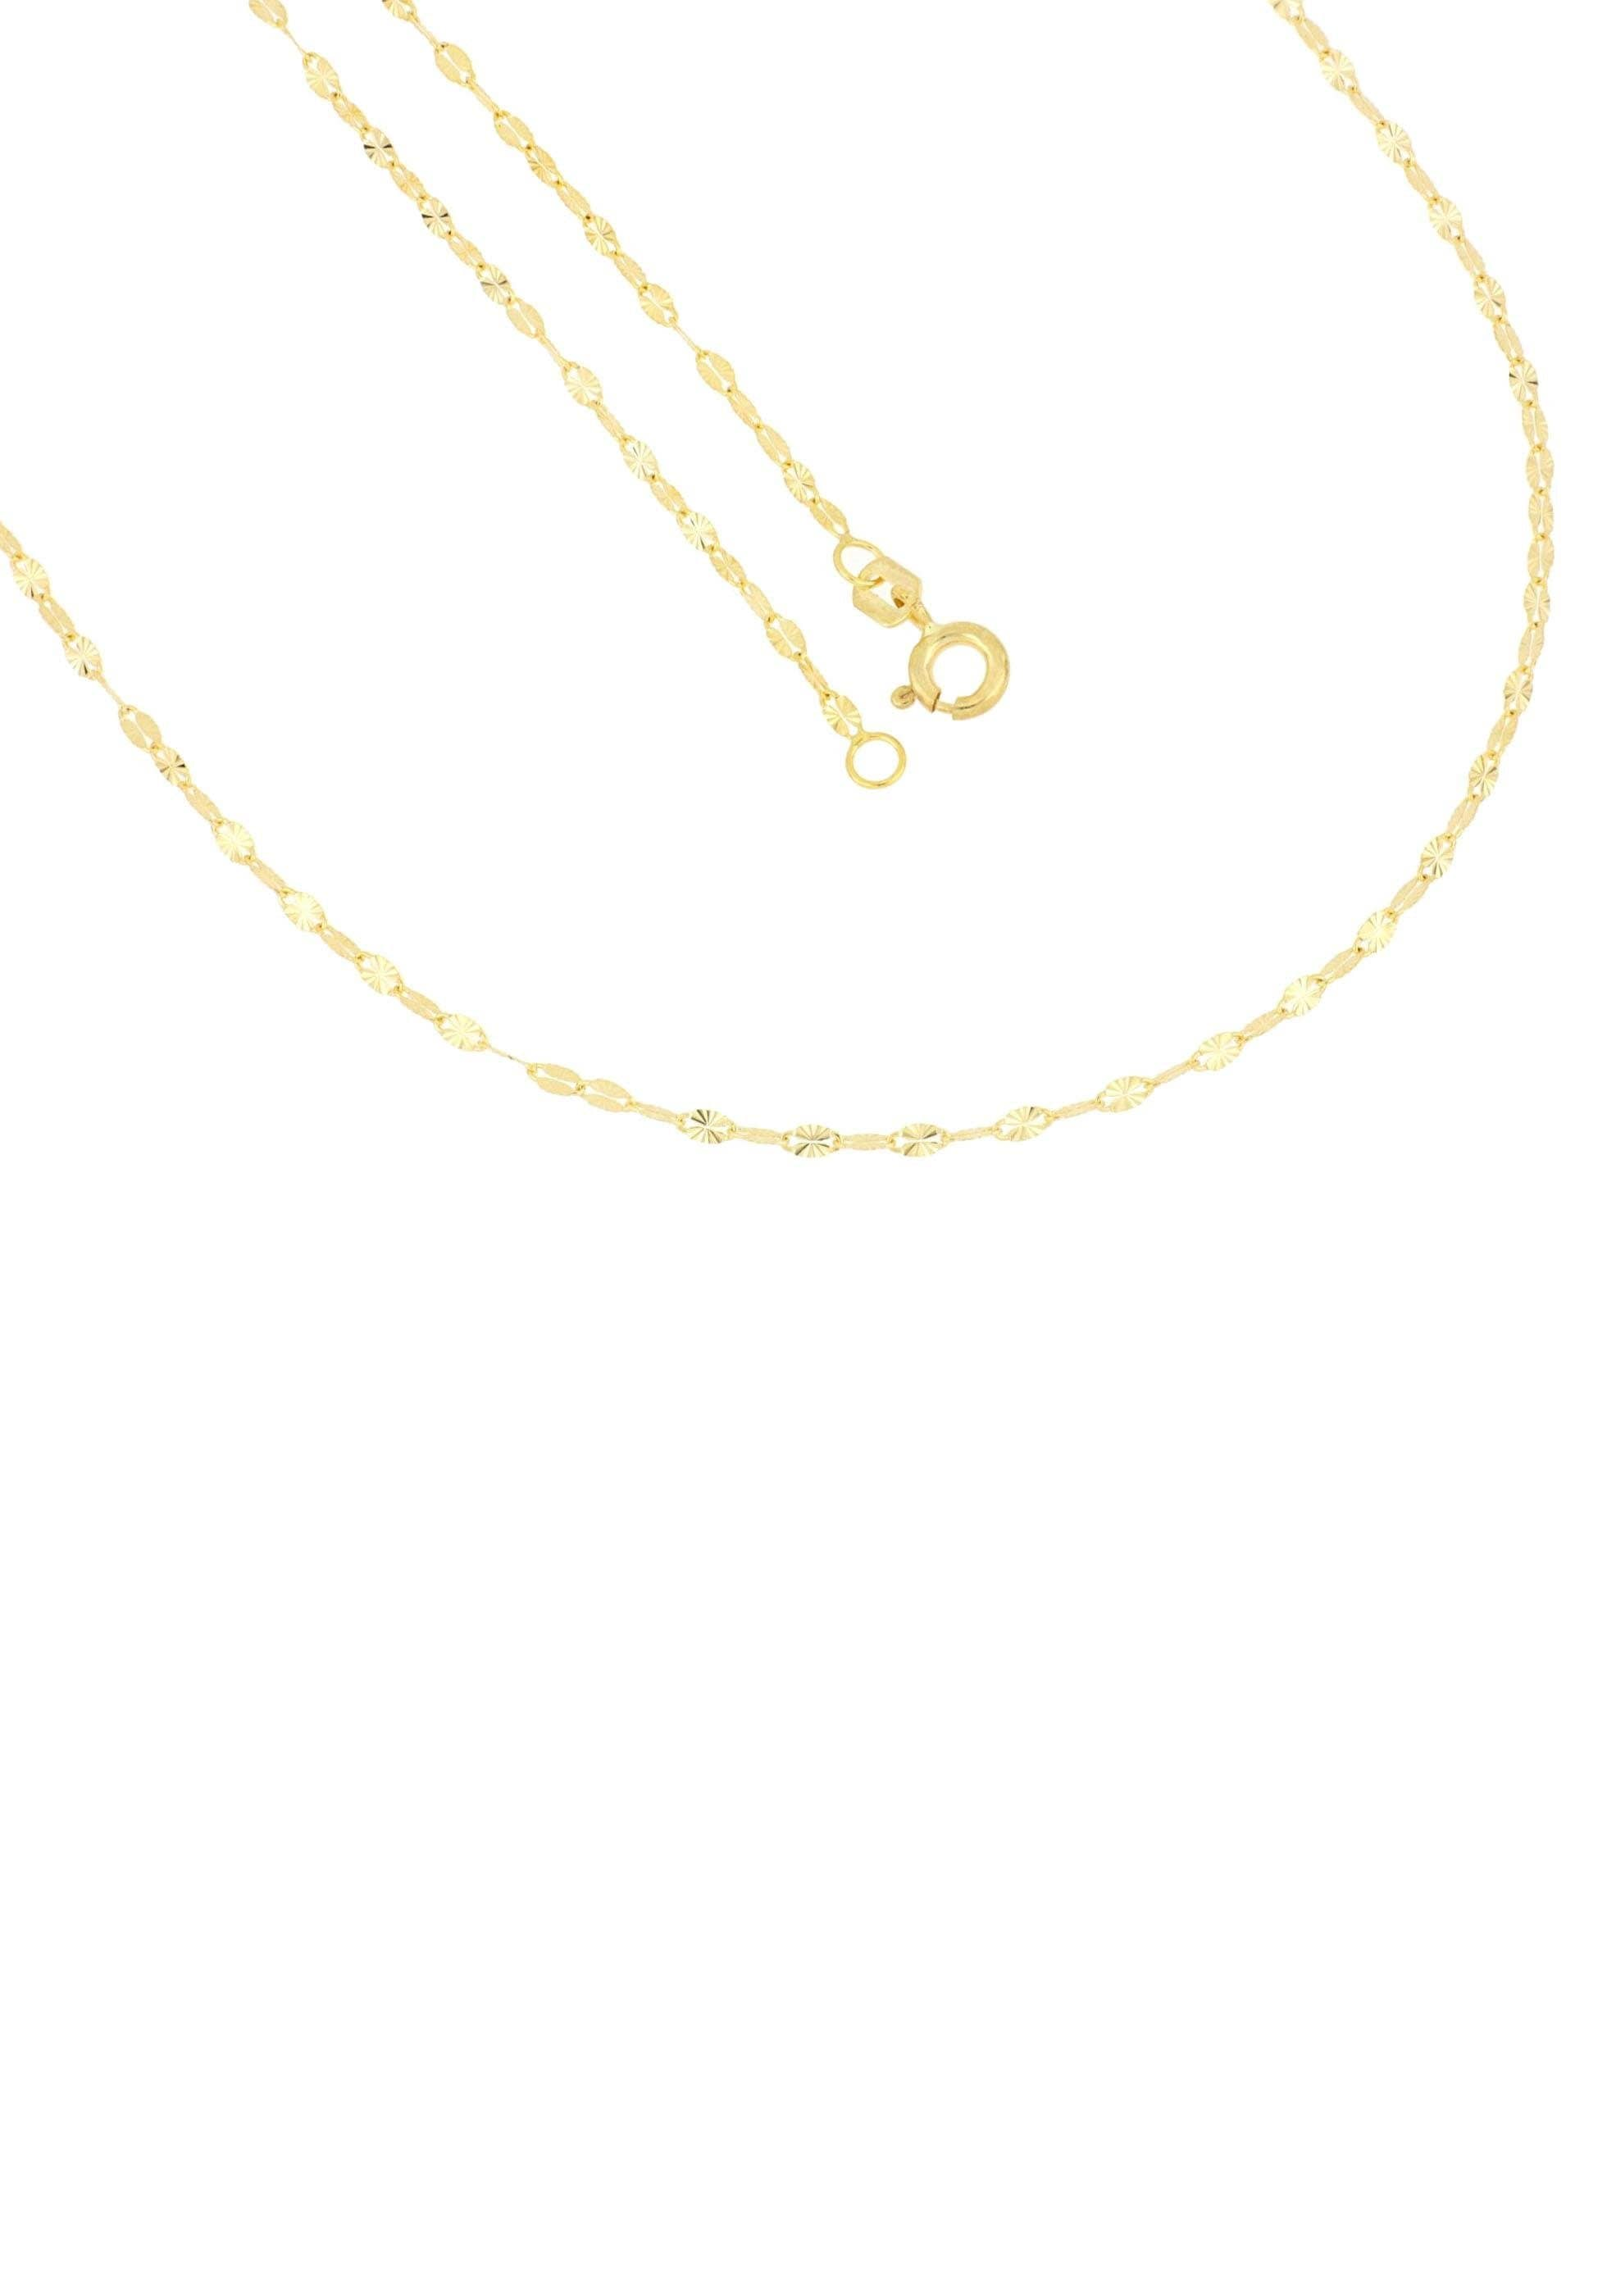 Firetti Goldkette in Plättchenkettengliederung, 2,0 mm breit, sterndiamantiert | Schmuck > Halsketten > Goldketten | Firetti